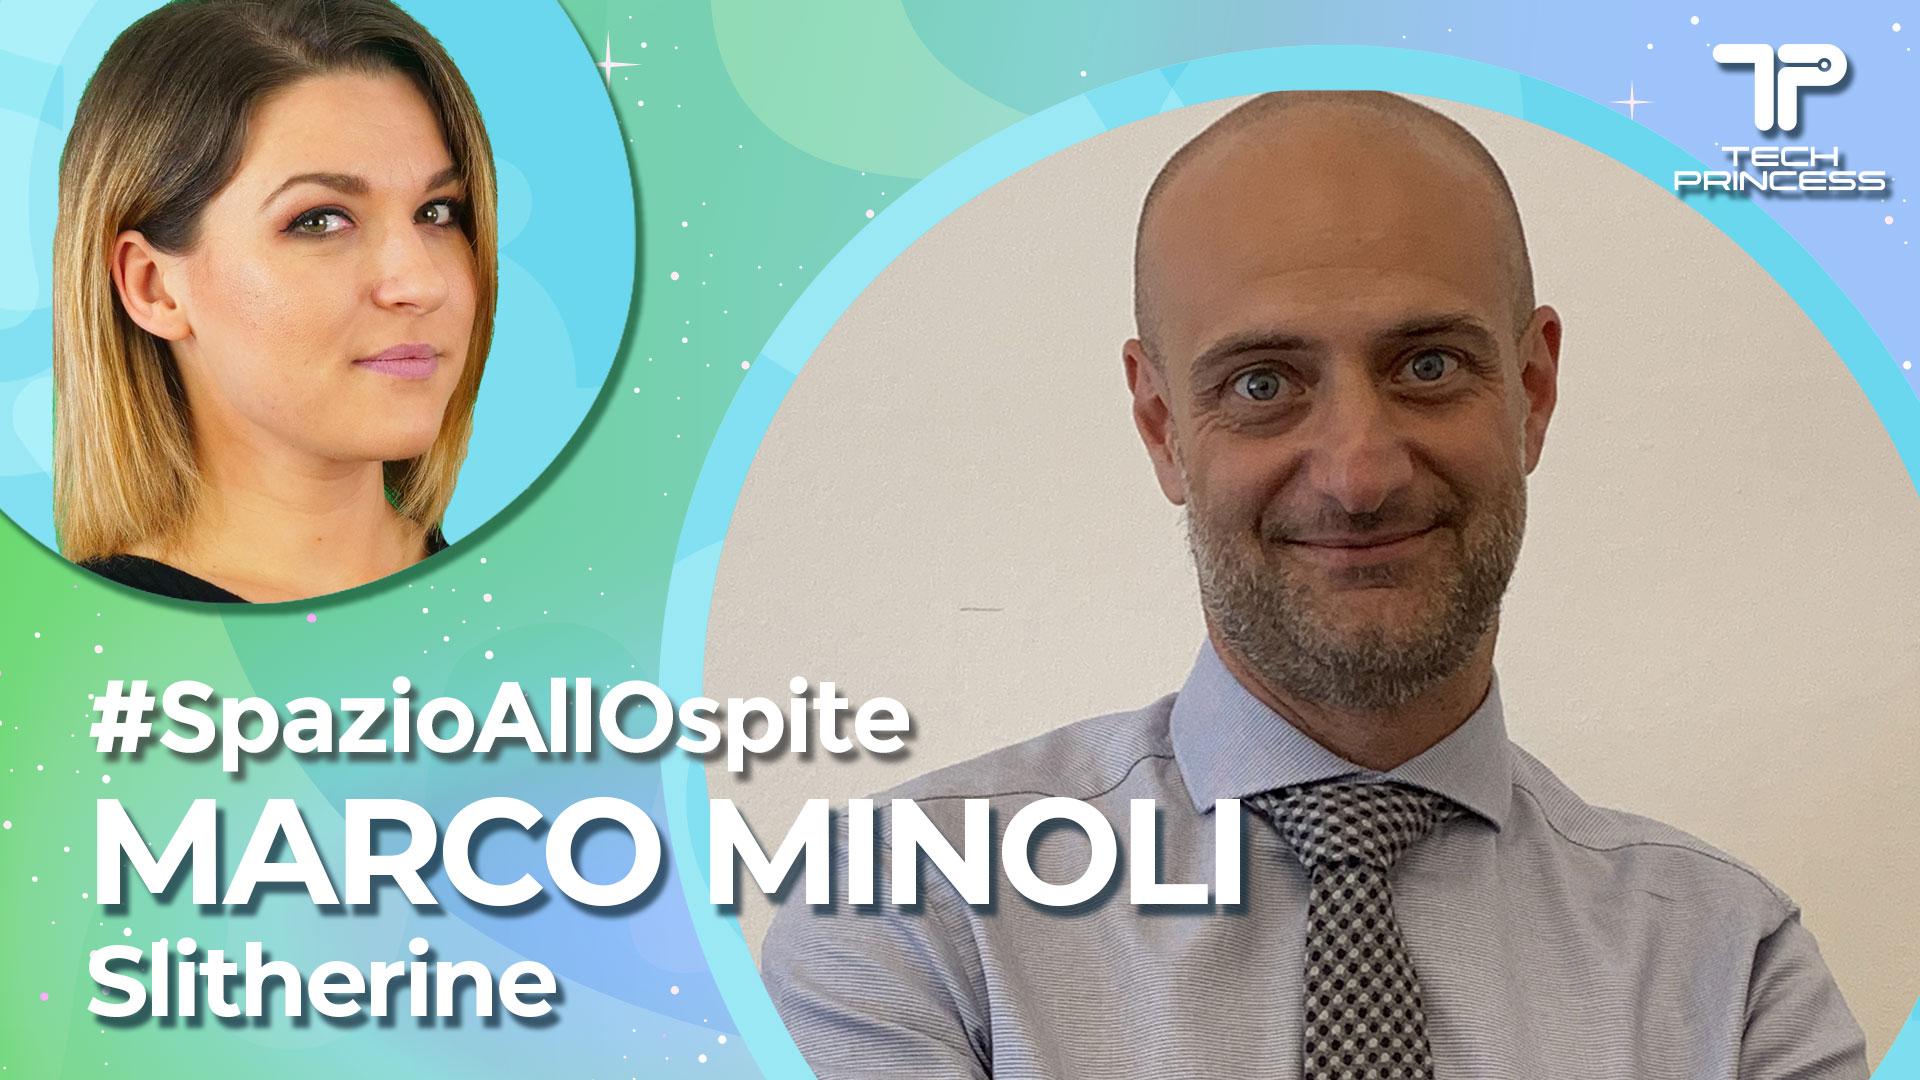 Marco Minoli, Slitherine: come nasce un videogioco | Intervista in live #SpazioAllOspite thumbnail